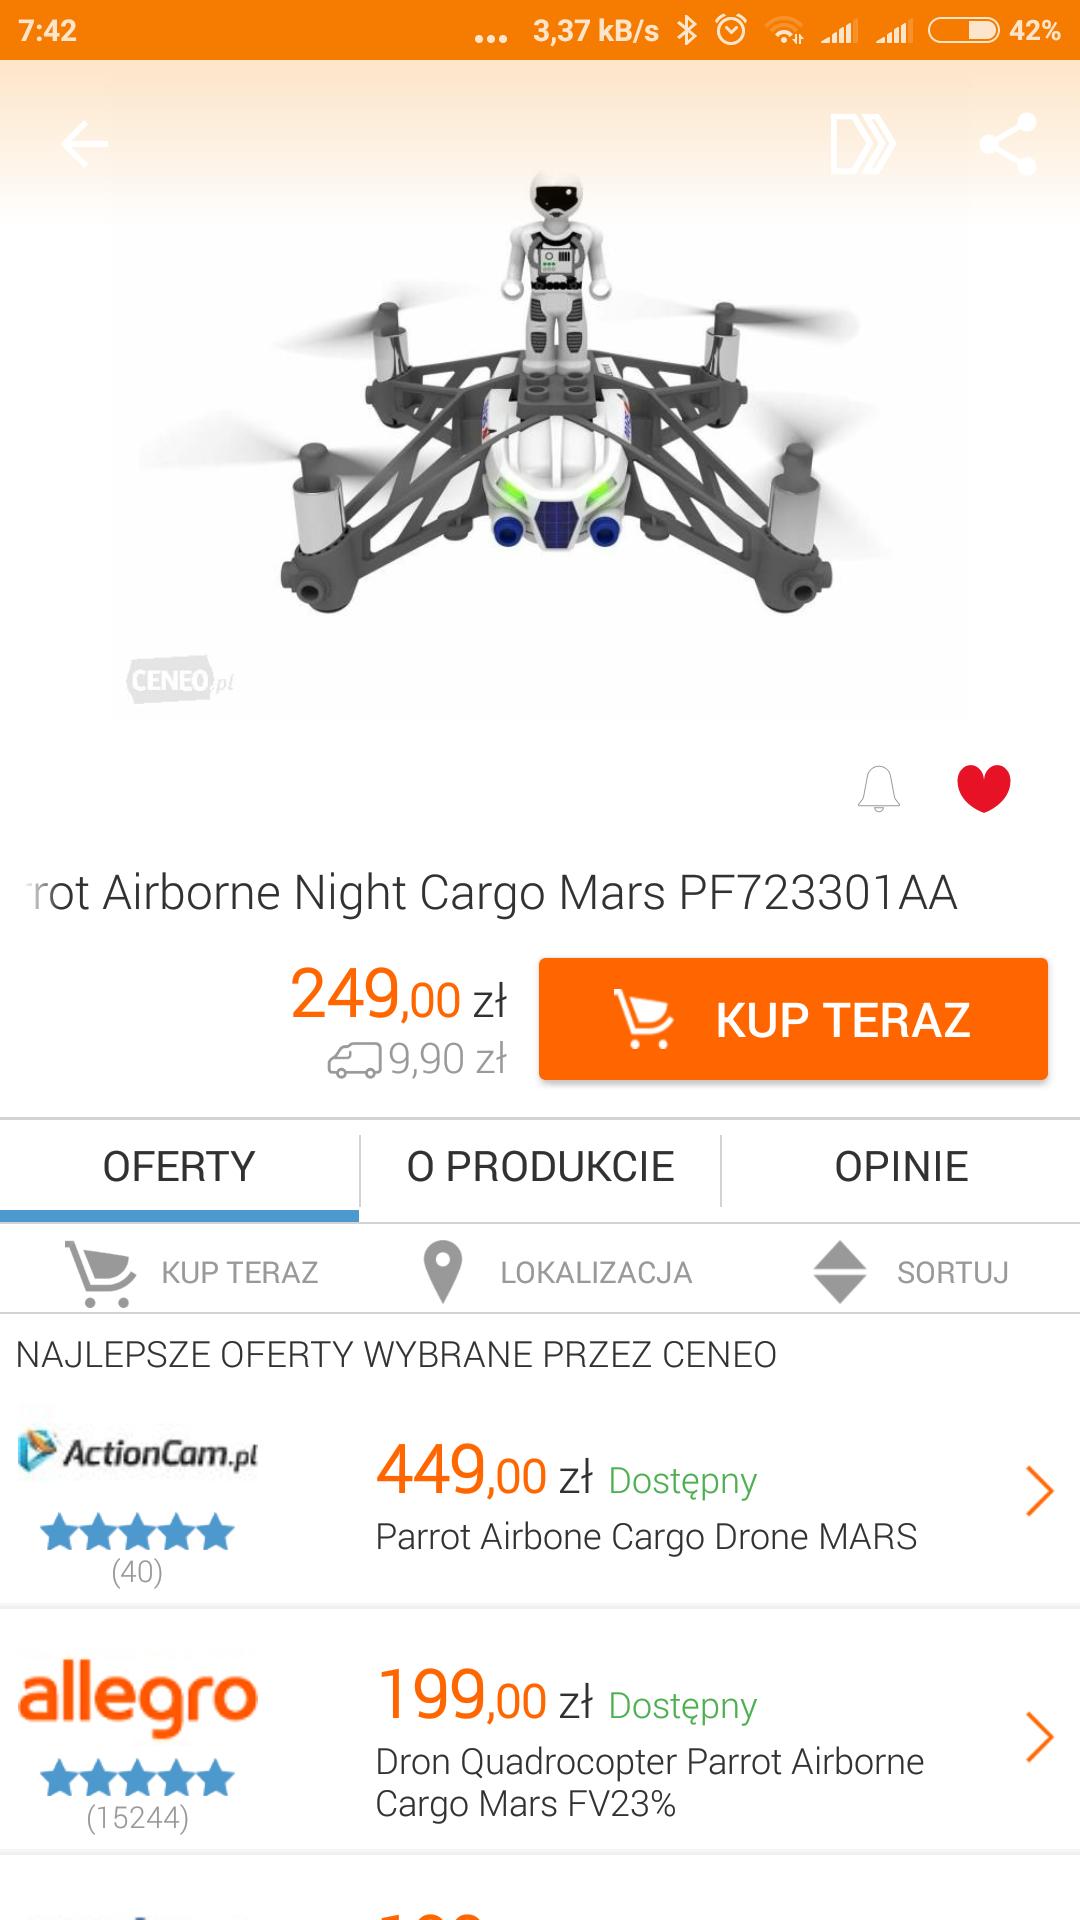 Dron Quadrocopter Parrot Airborne Cargo @ Biedronka Niemce woj. Lubelskie